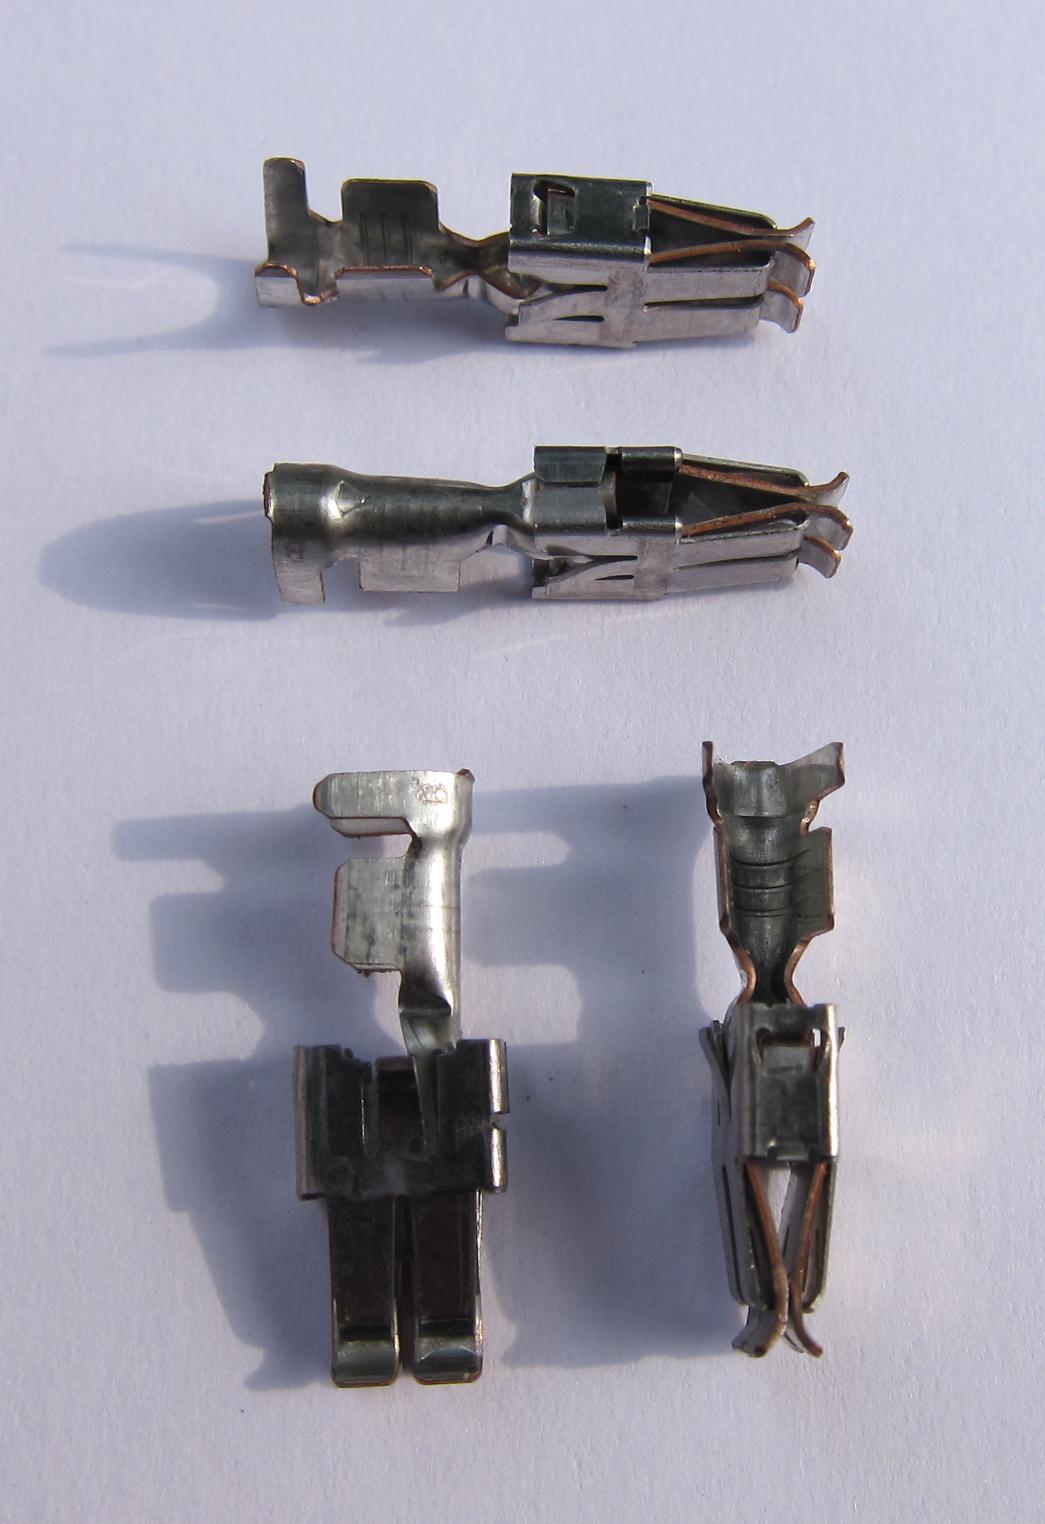 12_StandardPowerTimer_2_5mm_Female.JPG